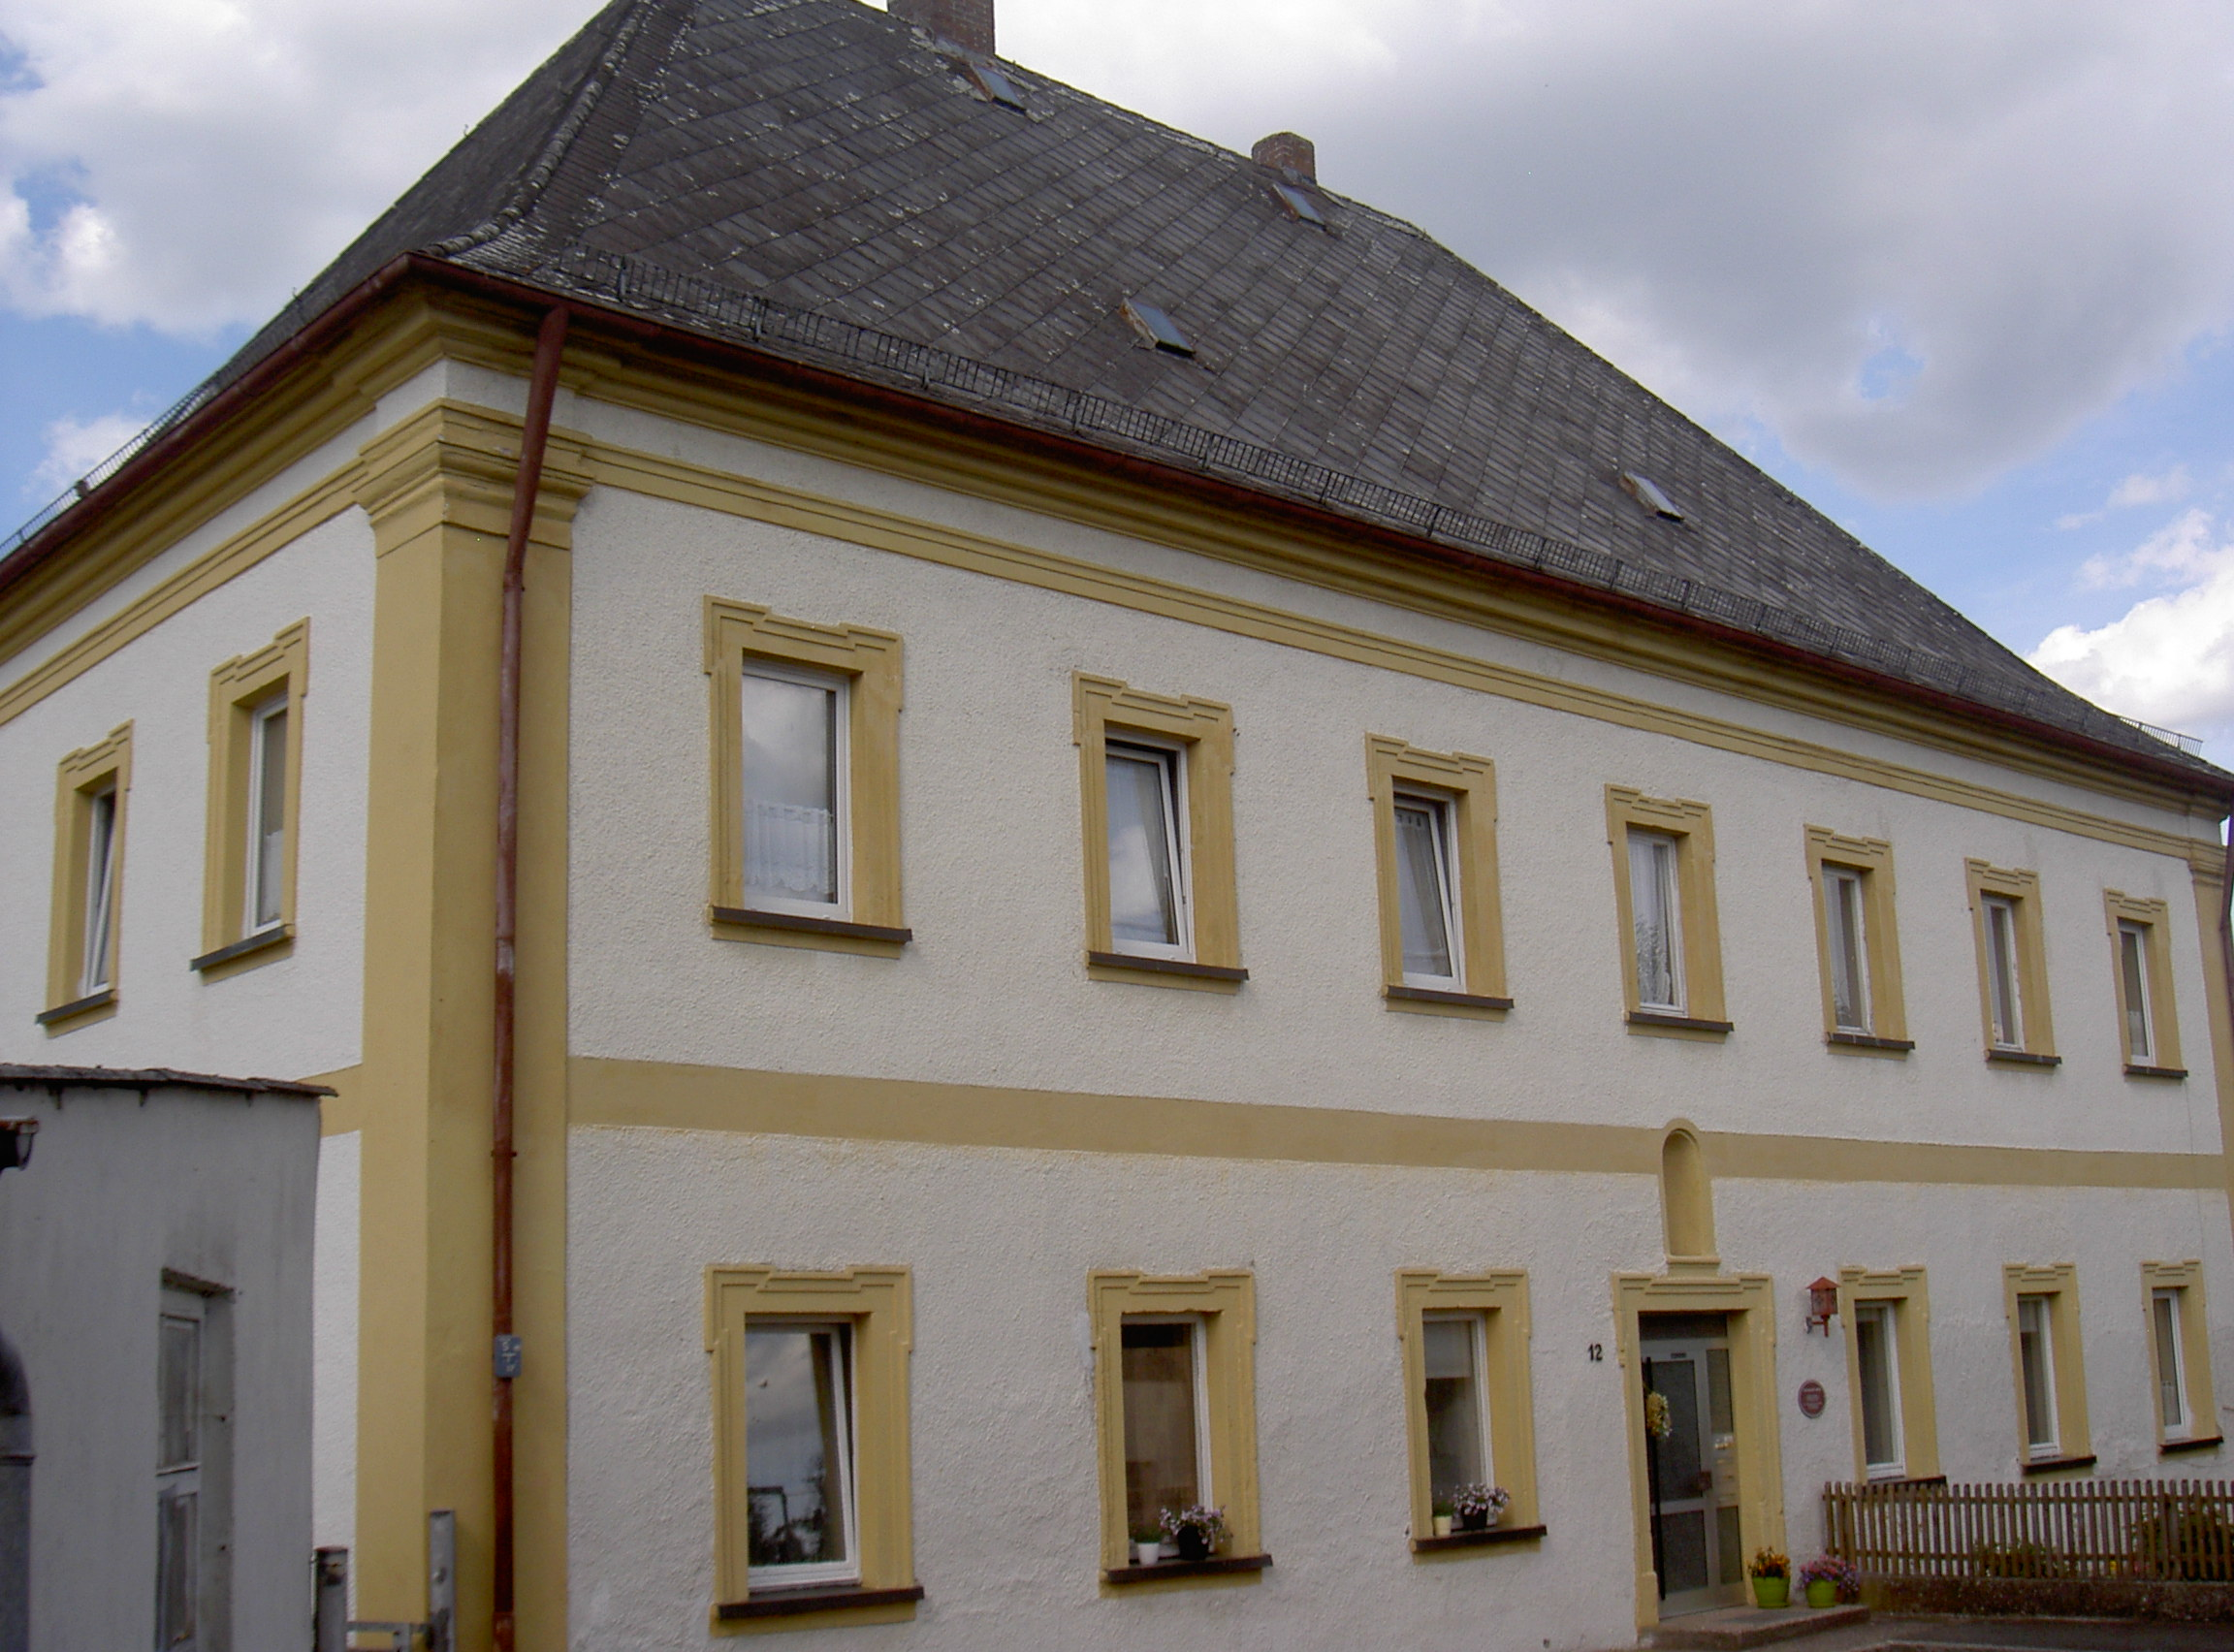 Mantel Wikipedia Wikipedia – Hammerschloss Hammerschloss – Wikipedia Mantel – Hammerschloss Mantel – Hammerschloss Mantel uTl35KJF1c